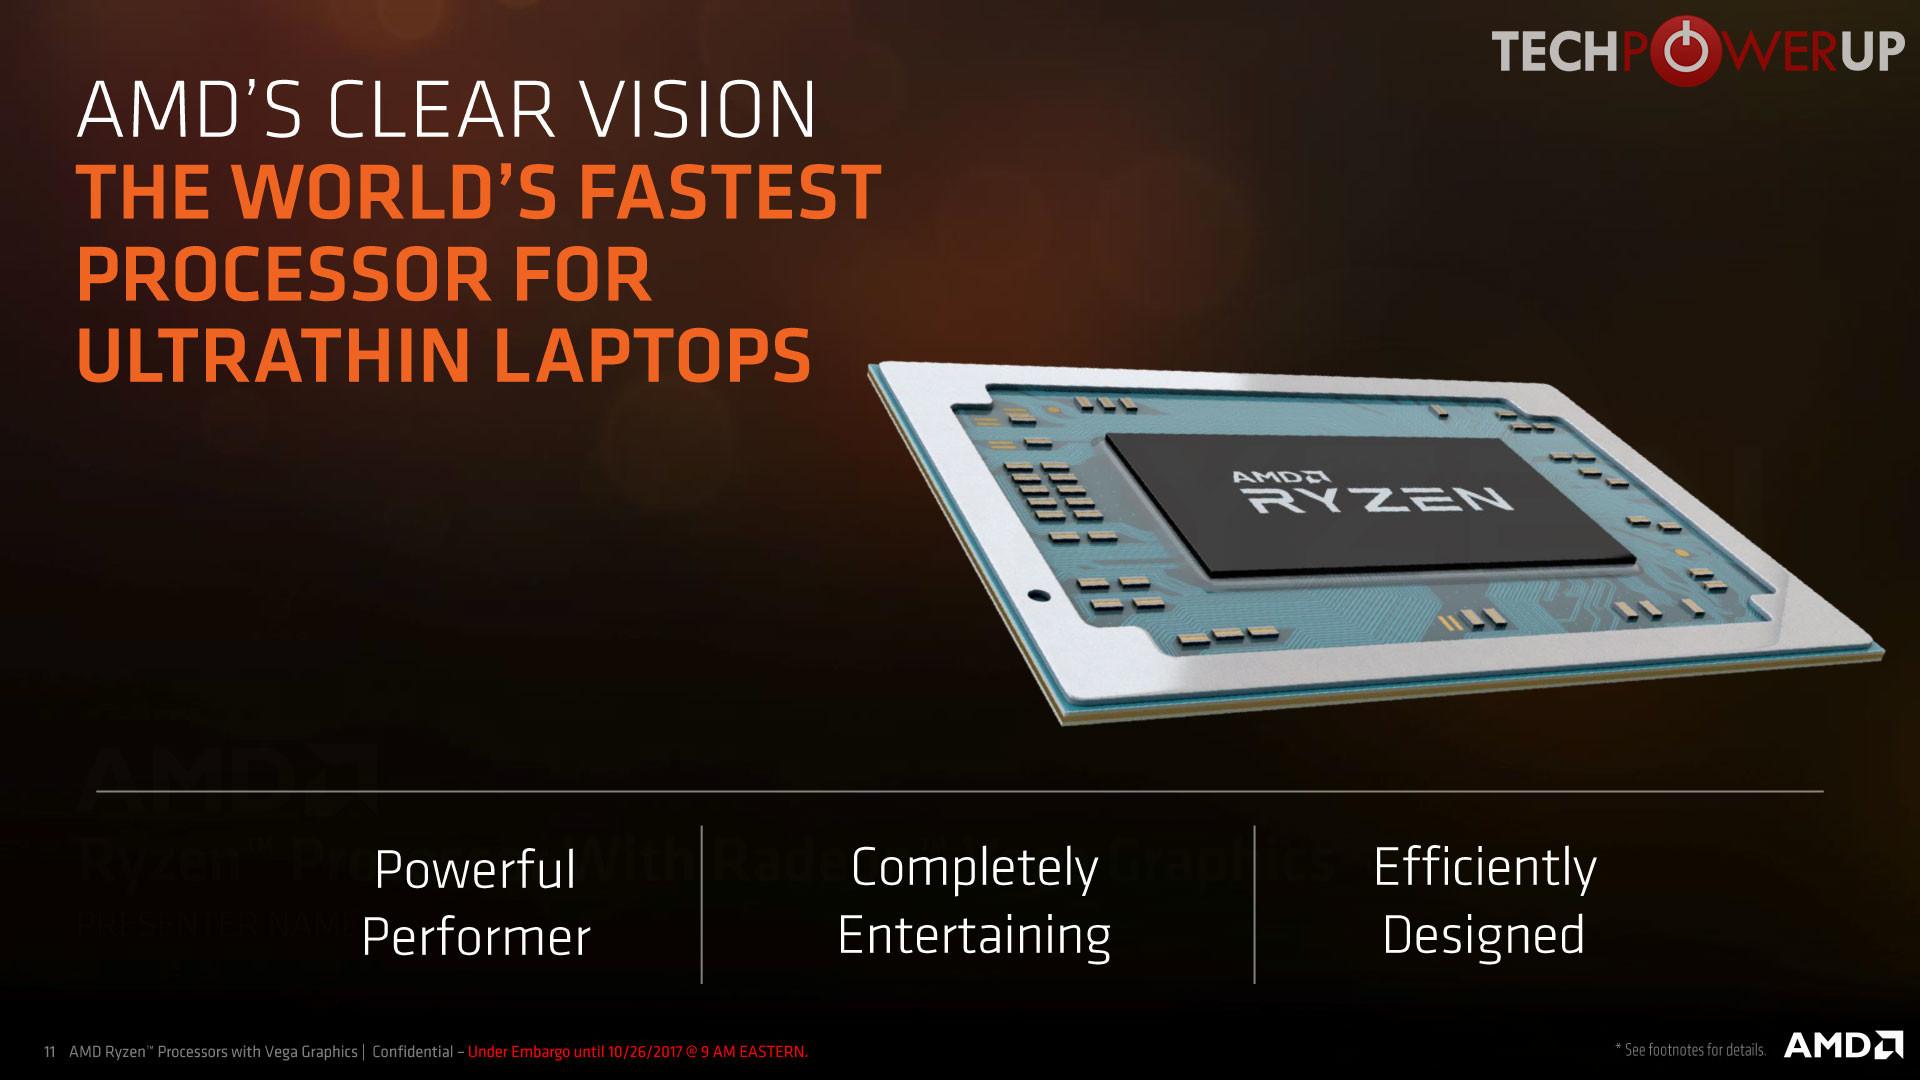 Amd Presenta Nuevos Procesadores Móviles Ryzen El Amd Ryzen